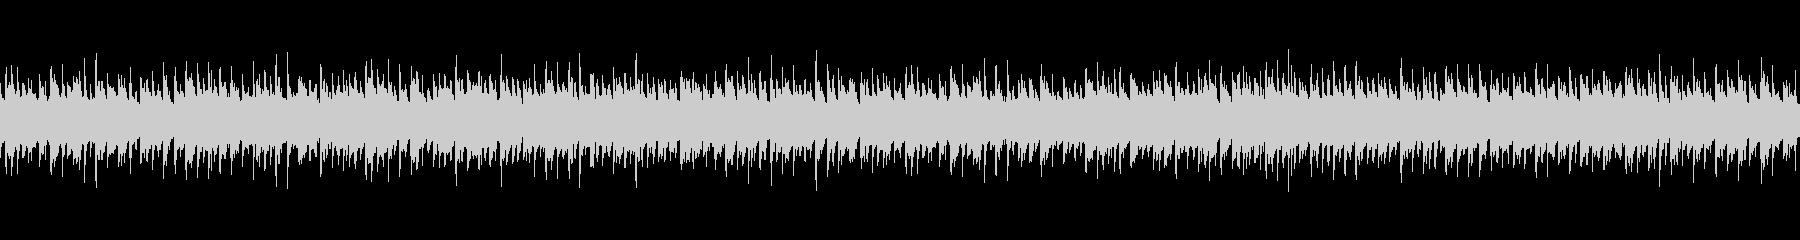 アコギの伴奏と幻想的なシンセを合わせた曲の未再生の波形